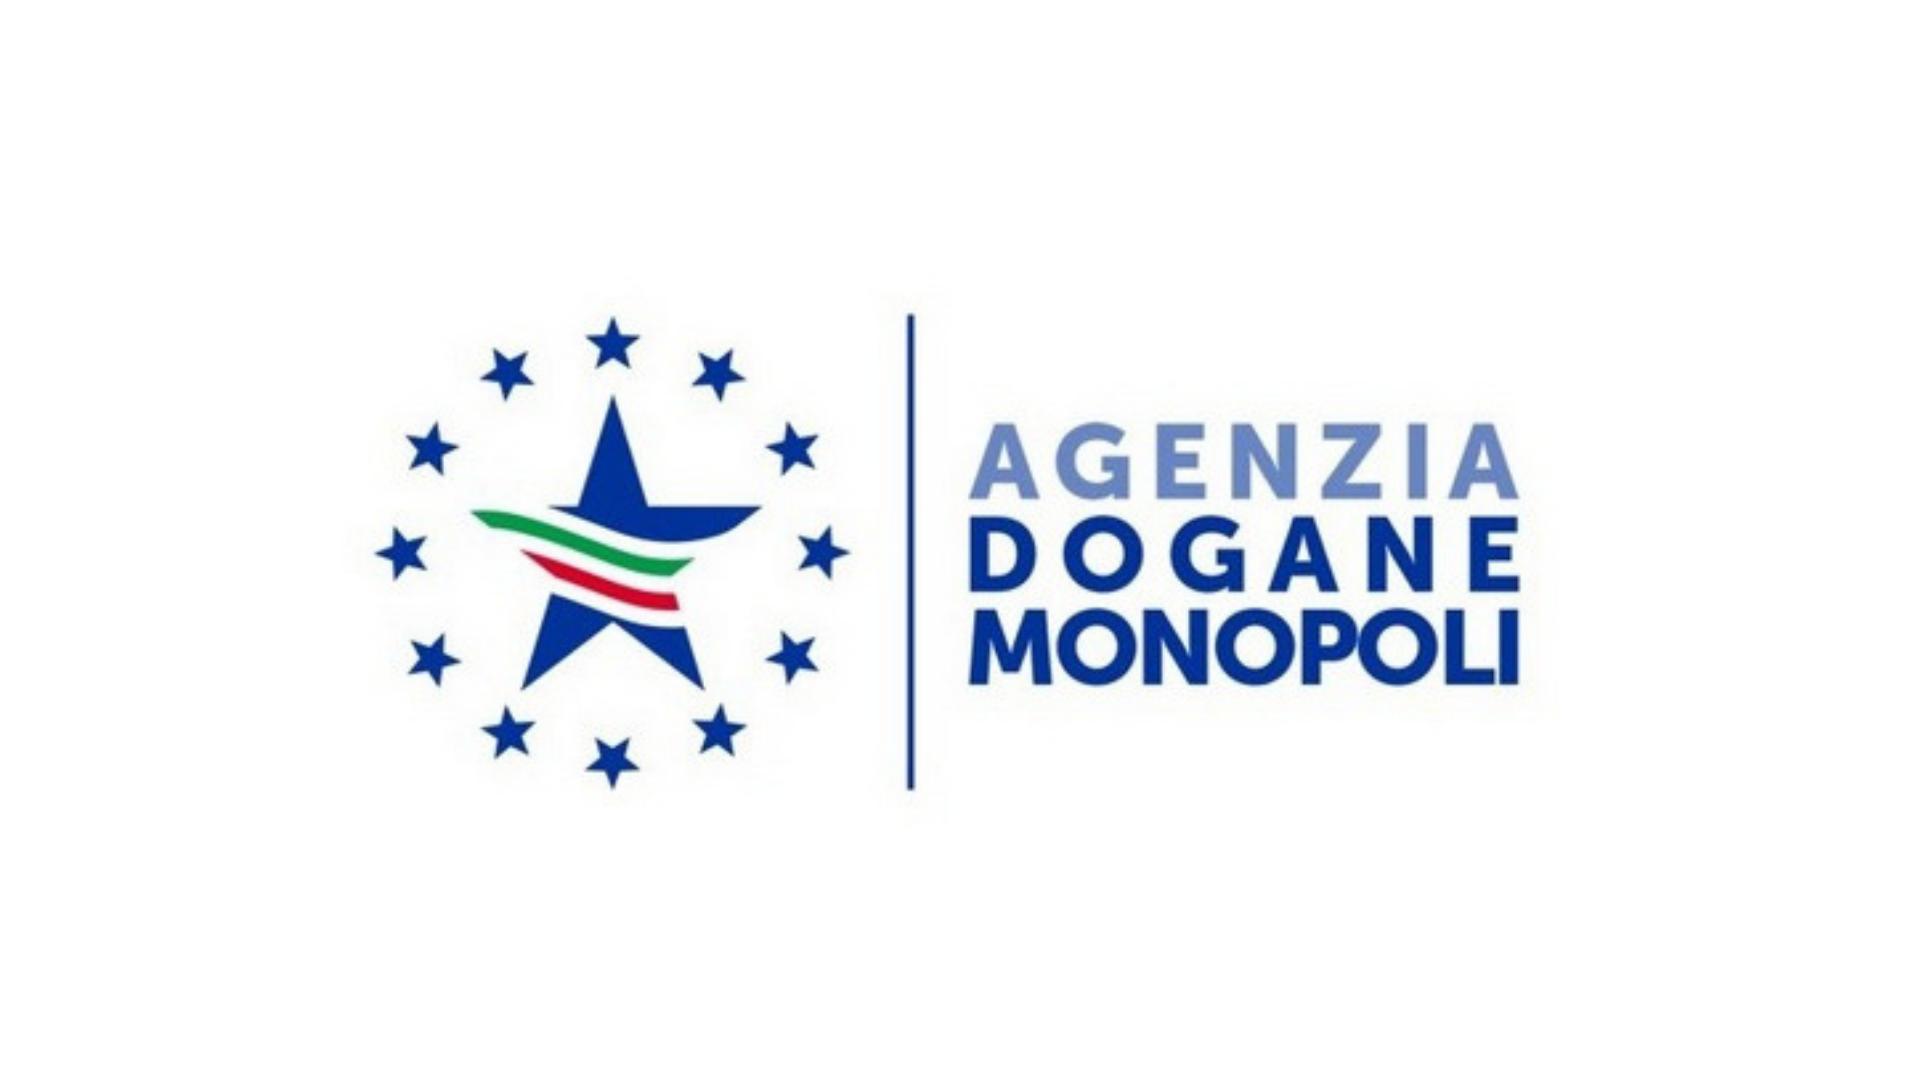 Agenzia Dogane e Monopoli v7